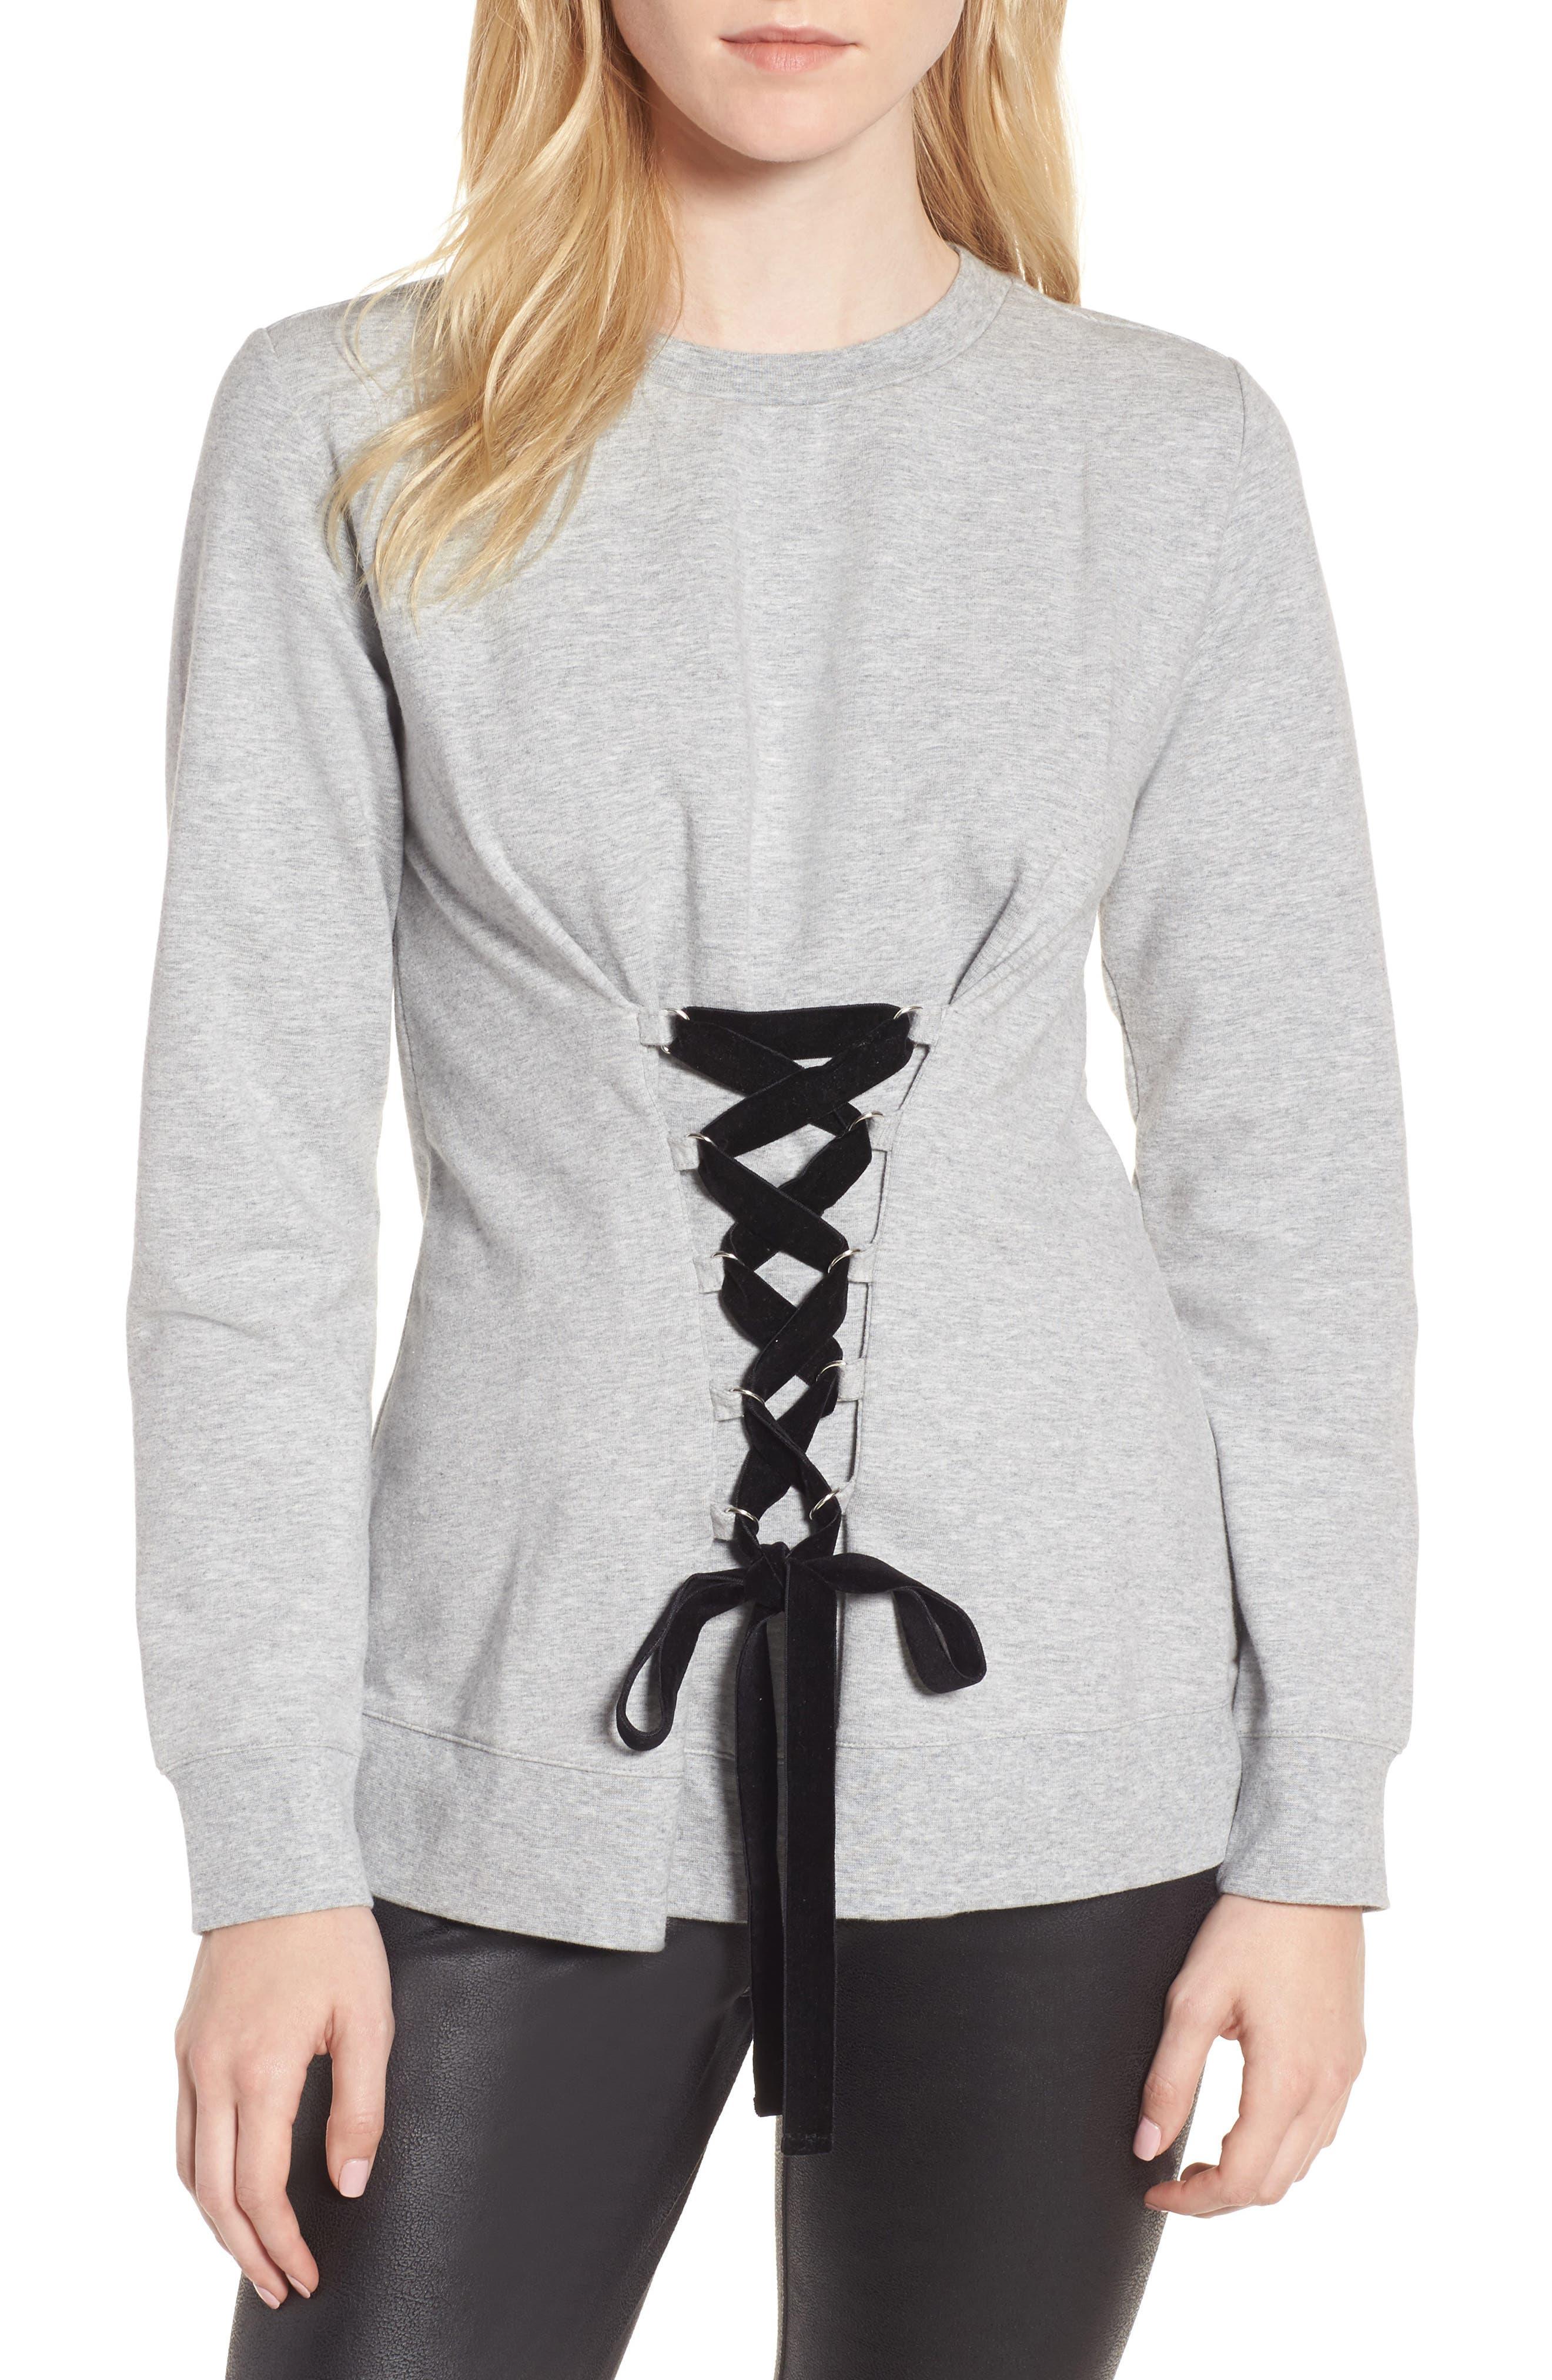 Main Image - Trouvé Lace-Up Sweatshirt